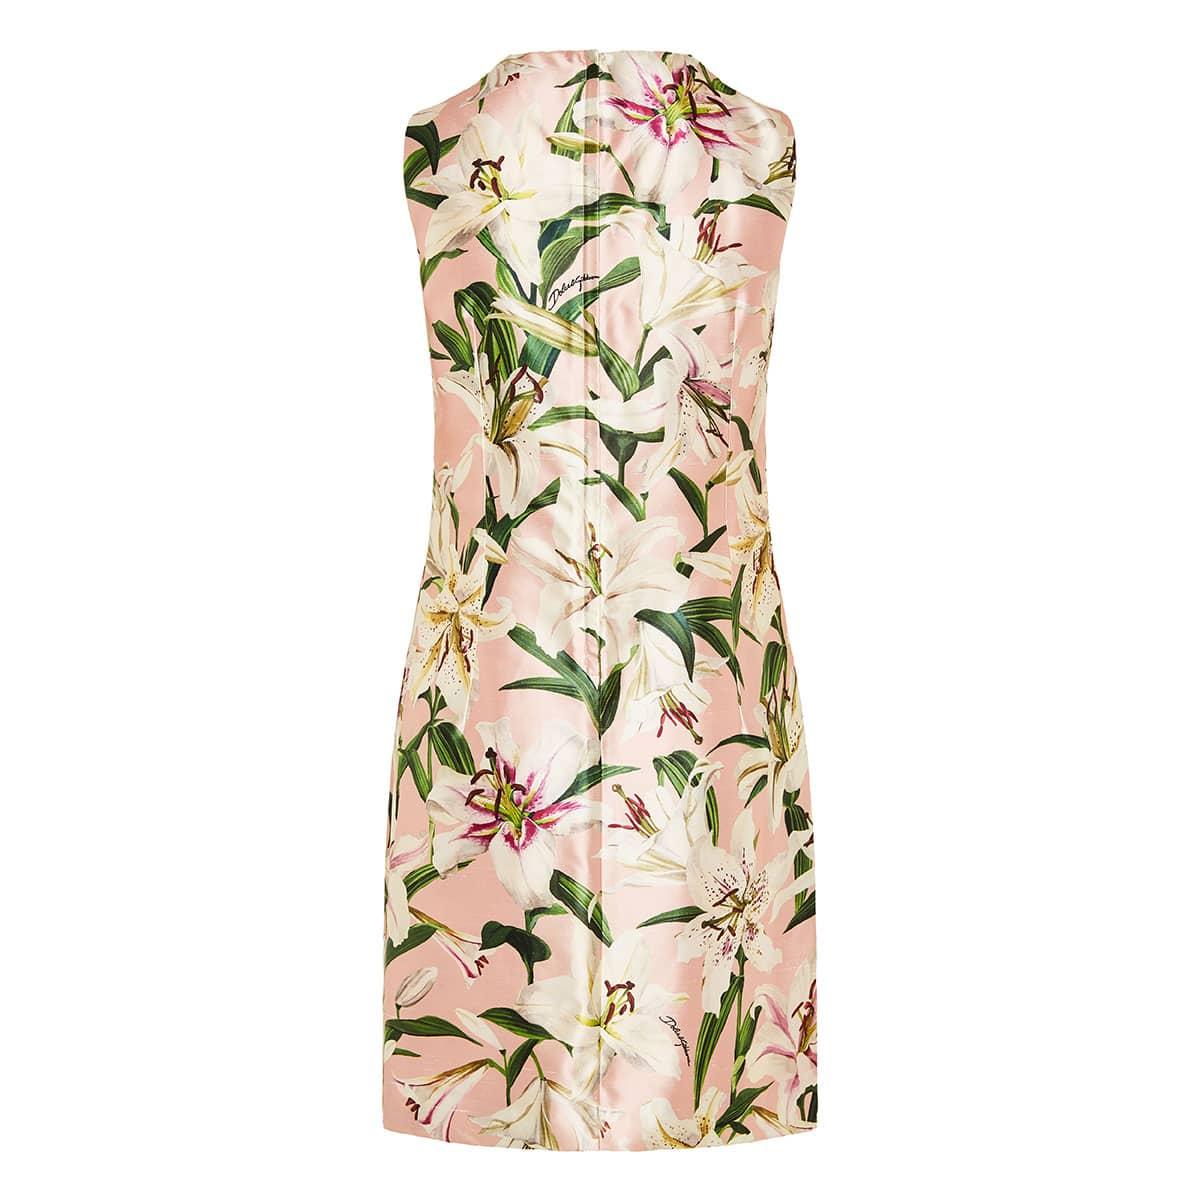 Lily-print mini dress